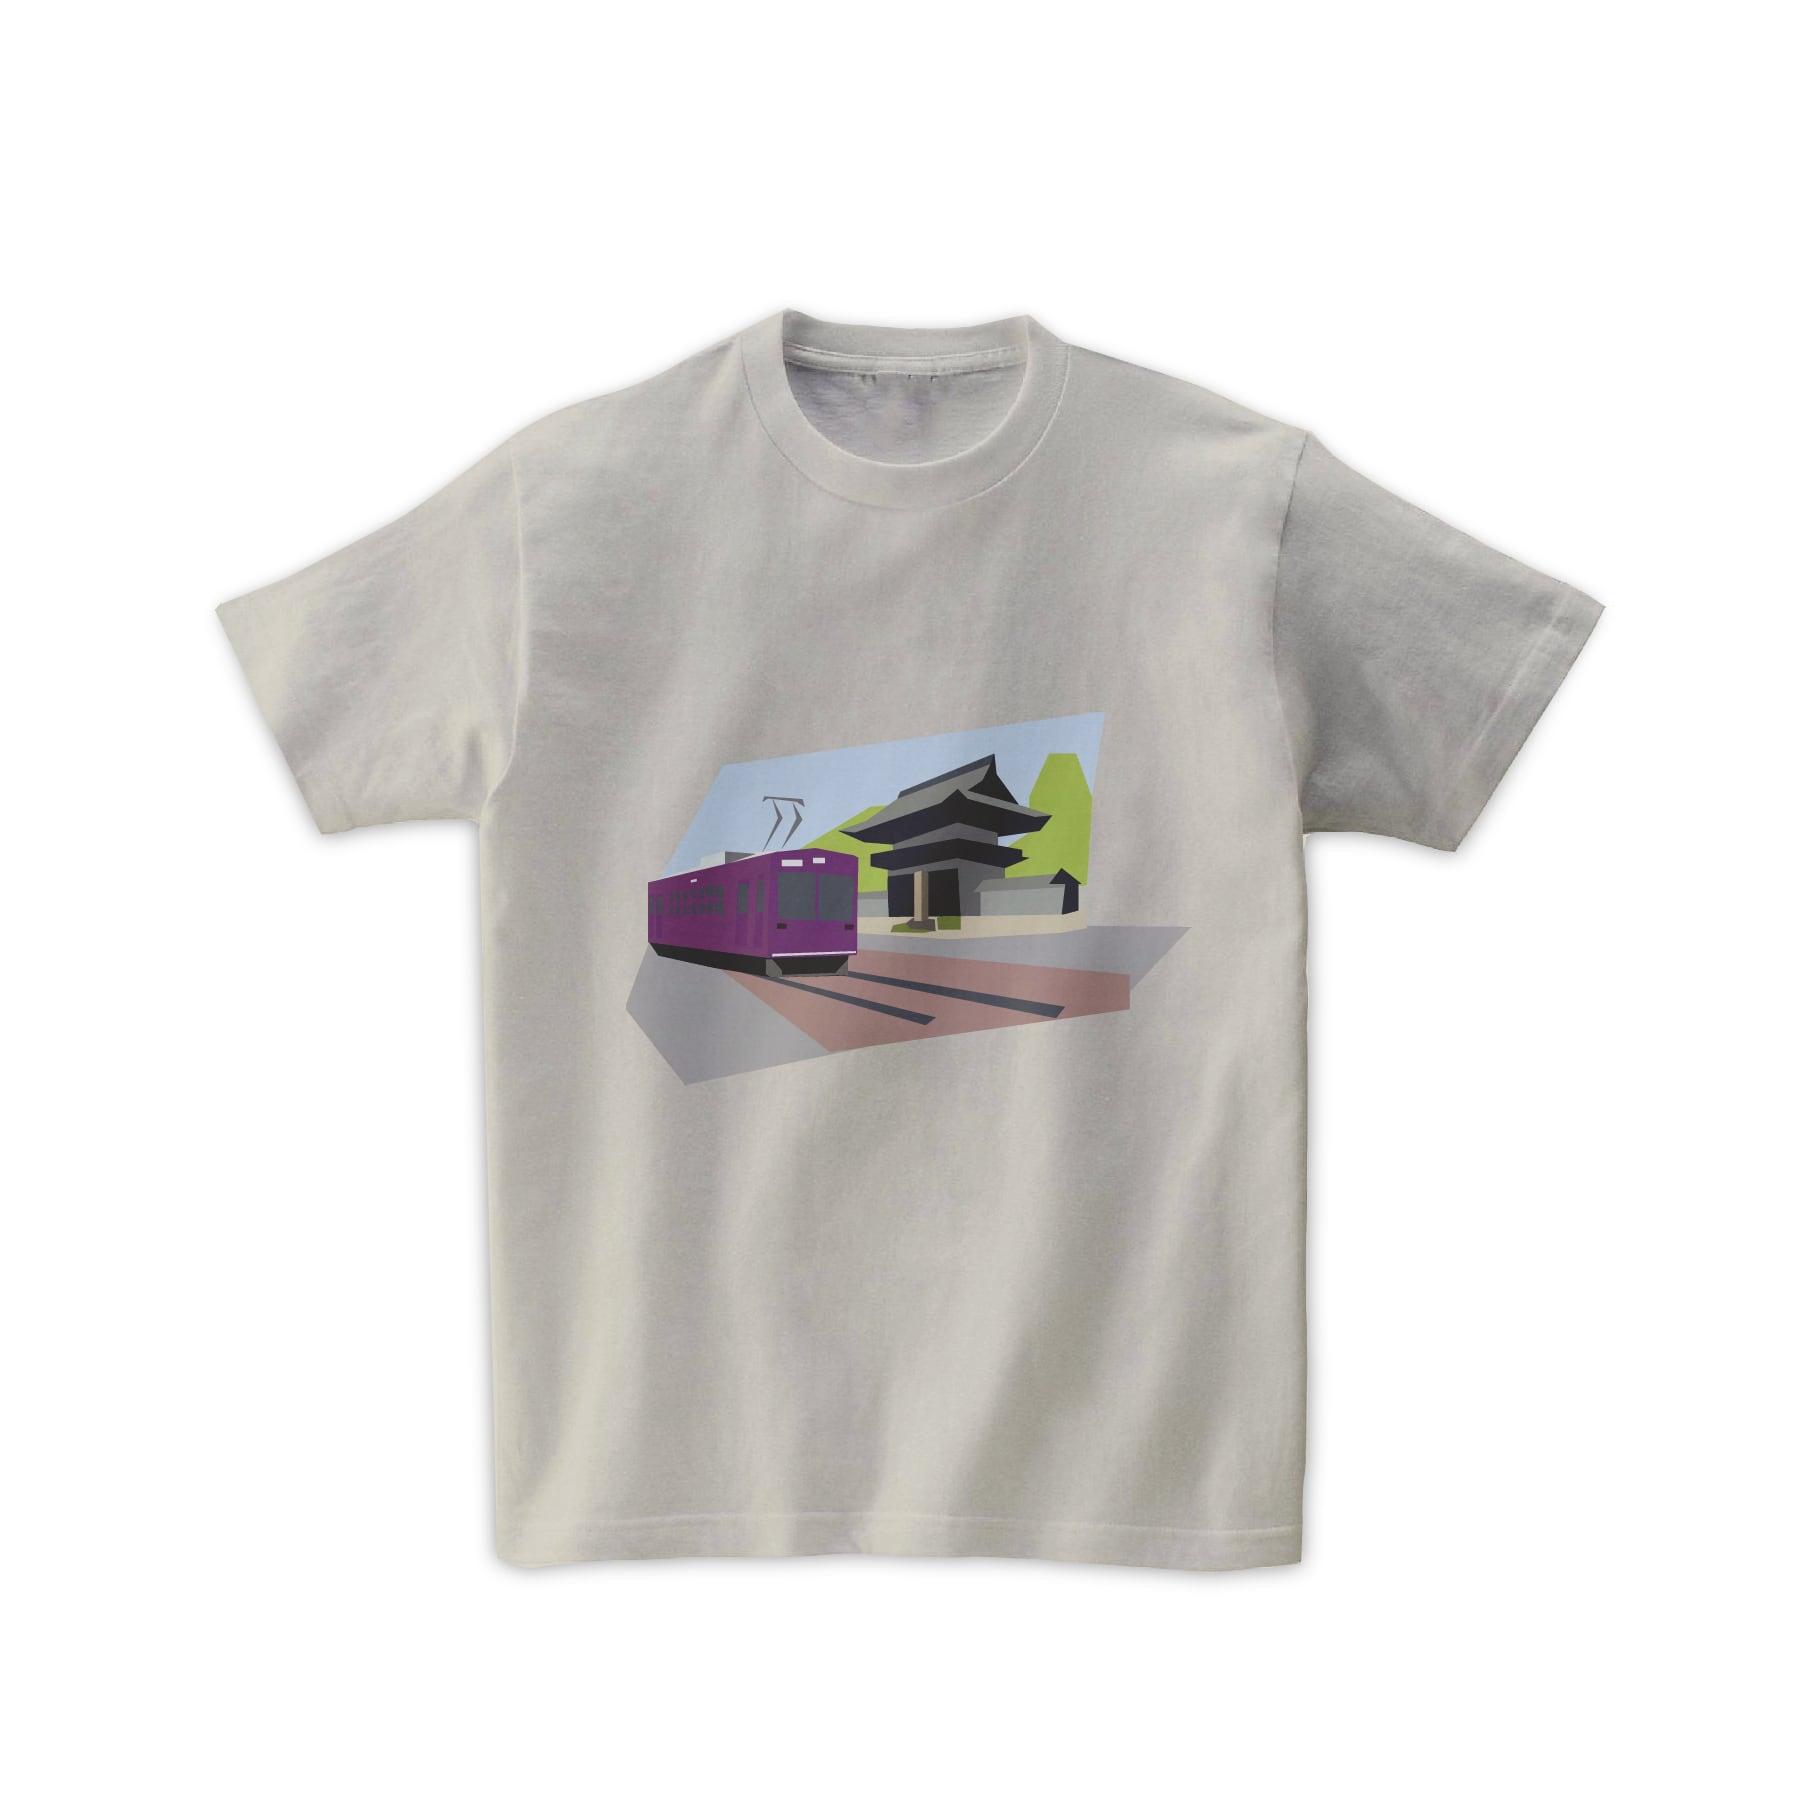 電車Tシャツ-路面電車